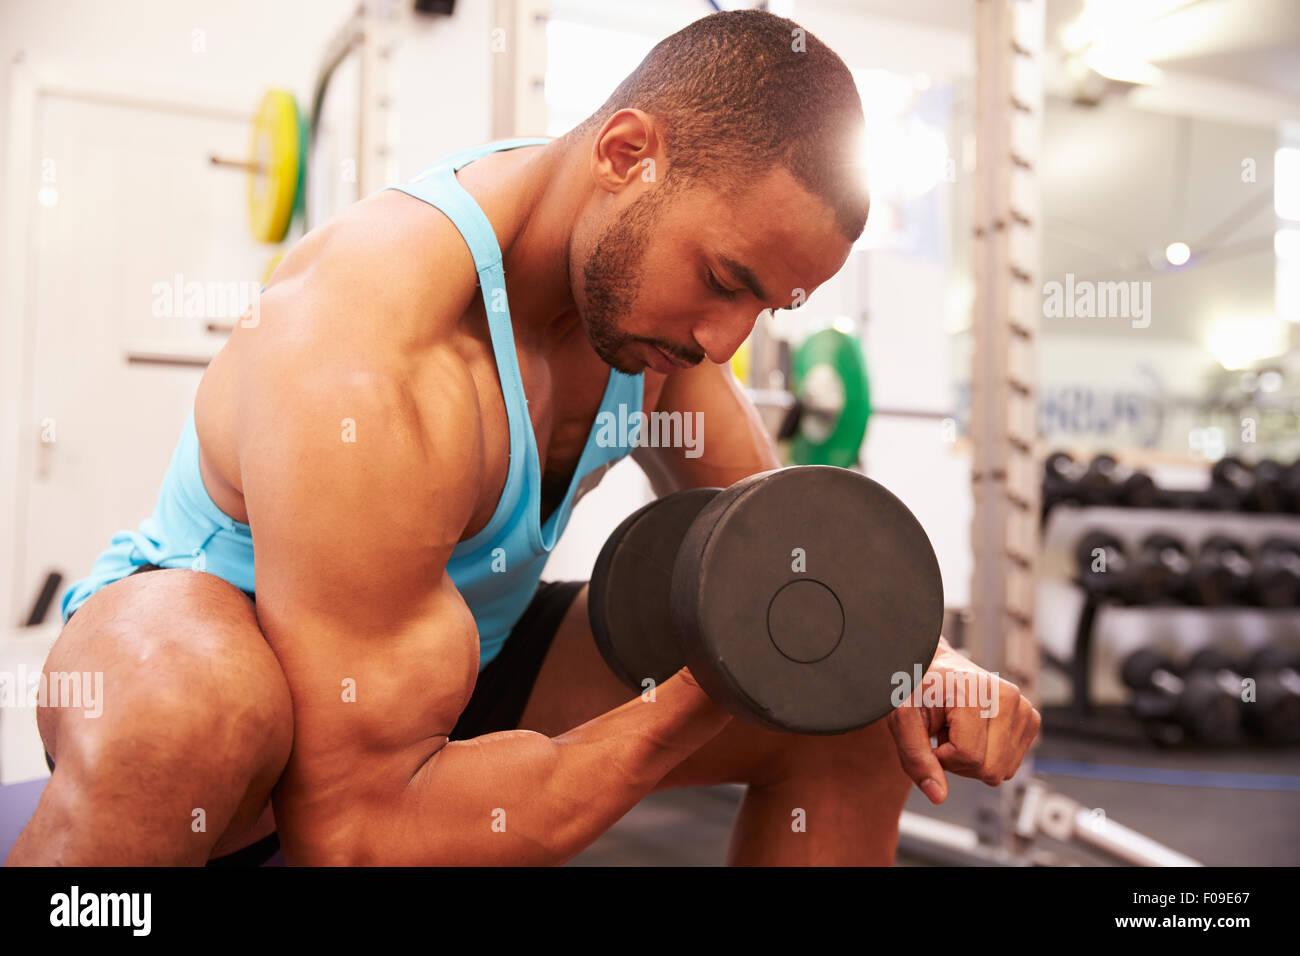 Mann, das Training mit Hanteln in einem Fitnessstudio, horizontale erschossen Stockbild